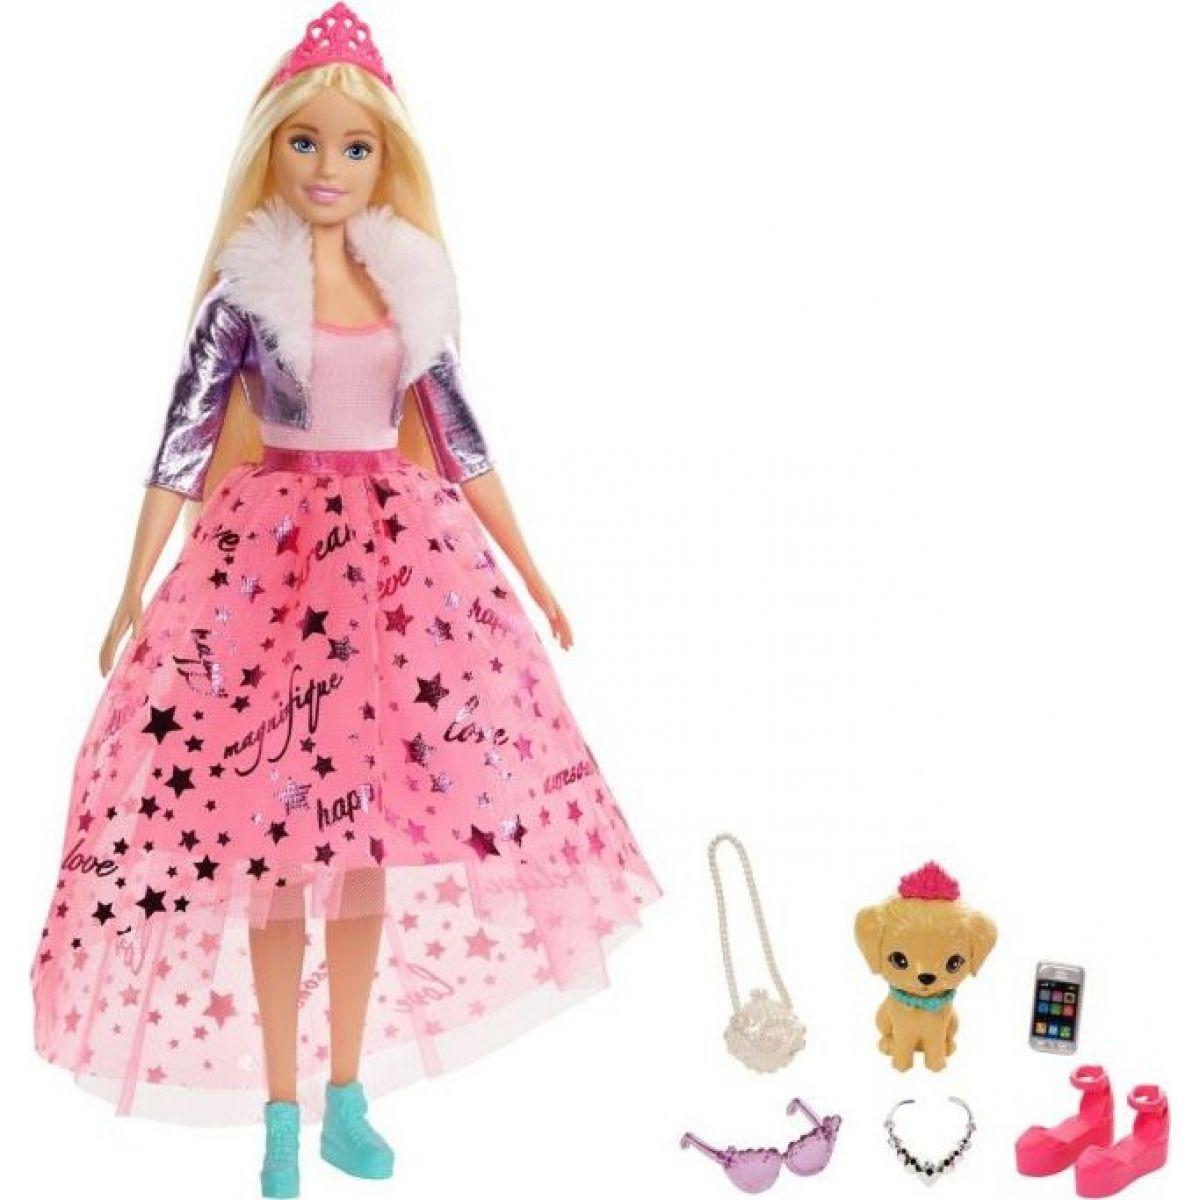 Barbie princezna GML75 růžová sukně